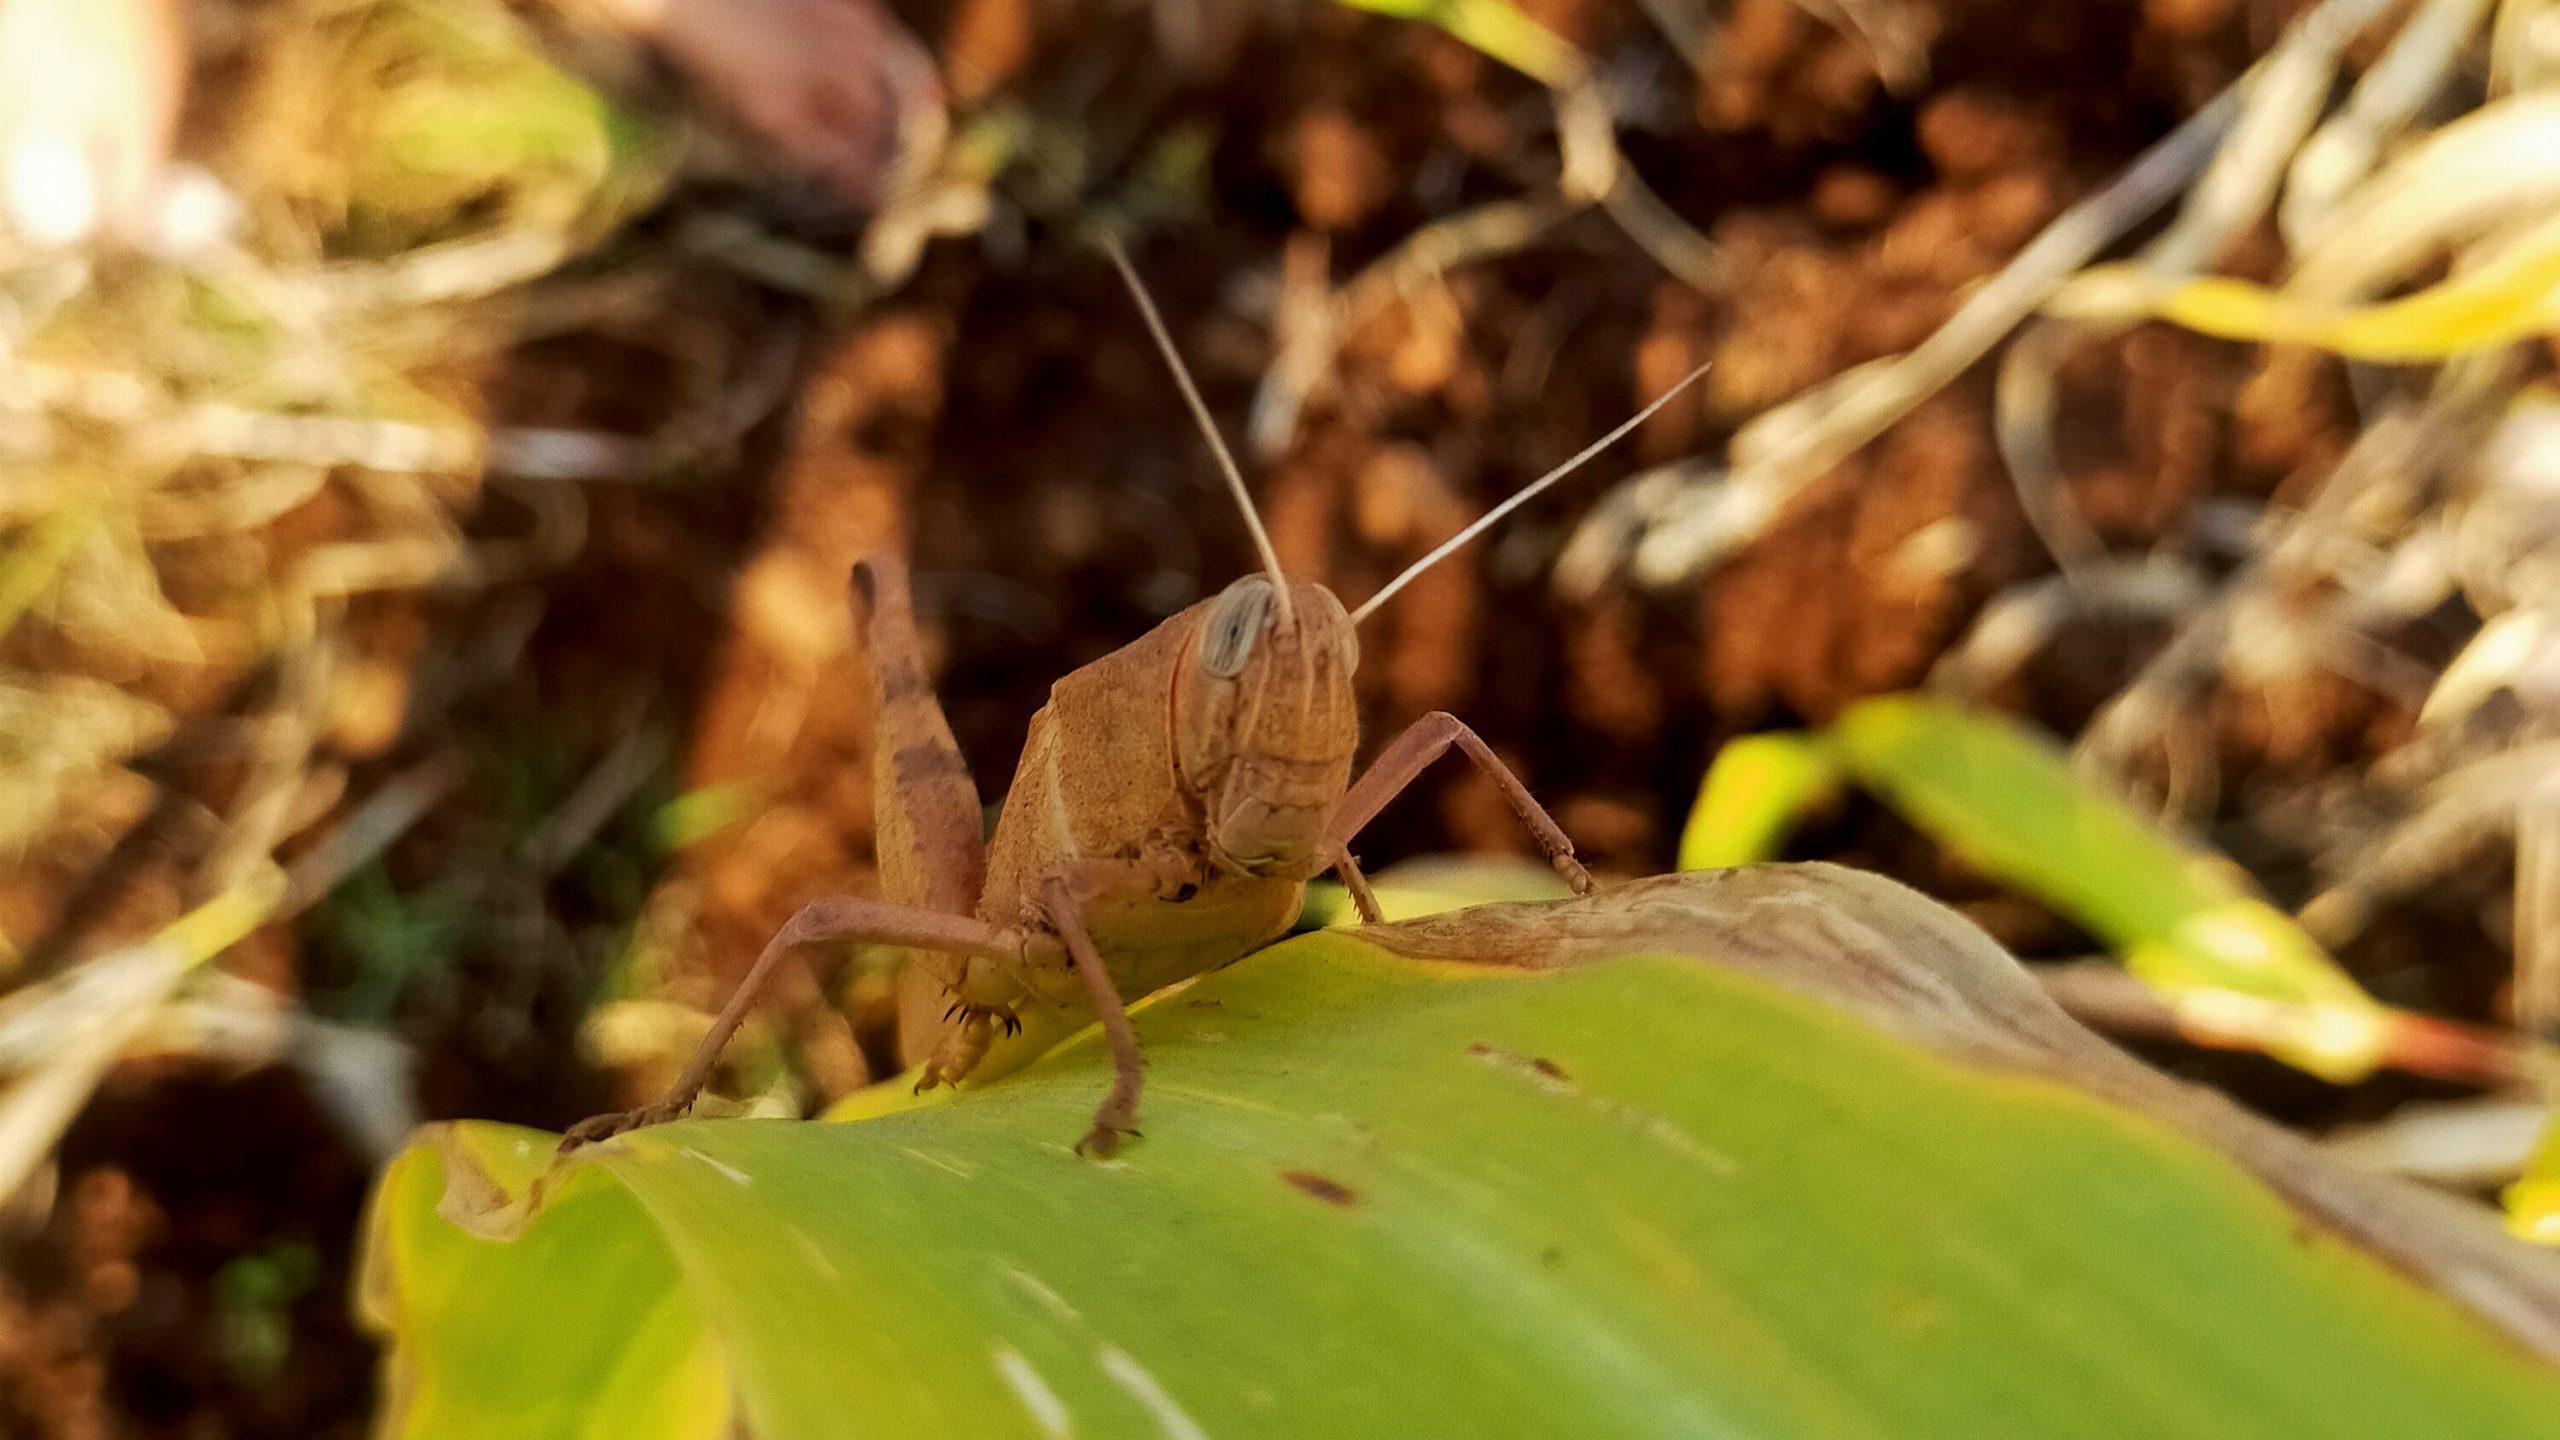 A grasshopper sitting on leaf